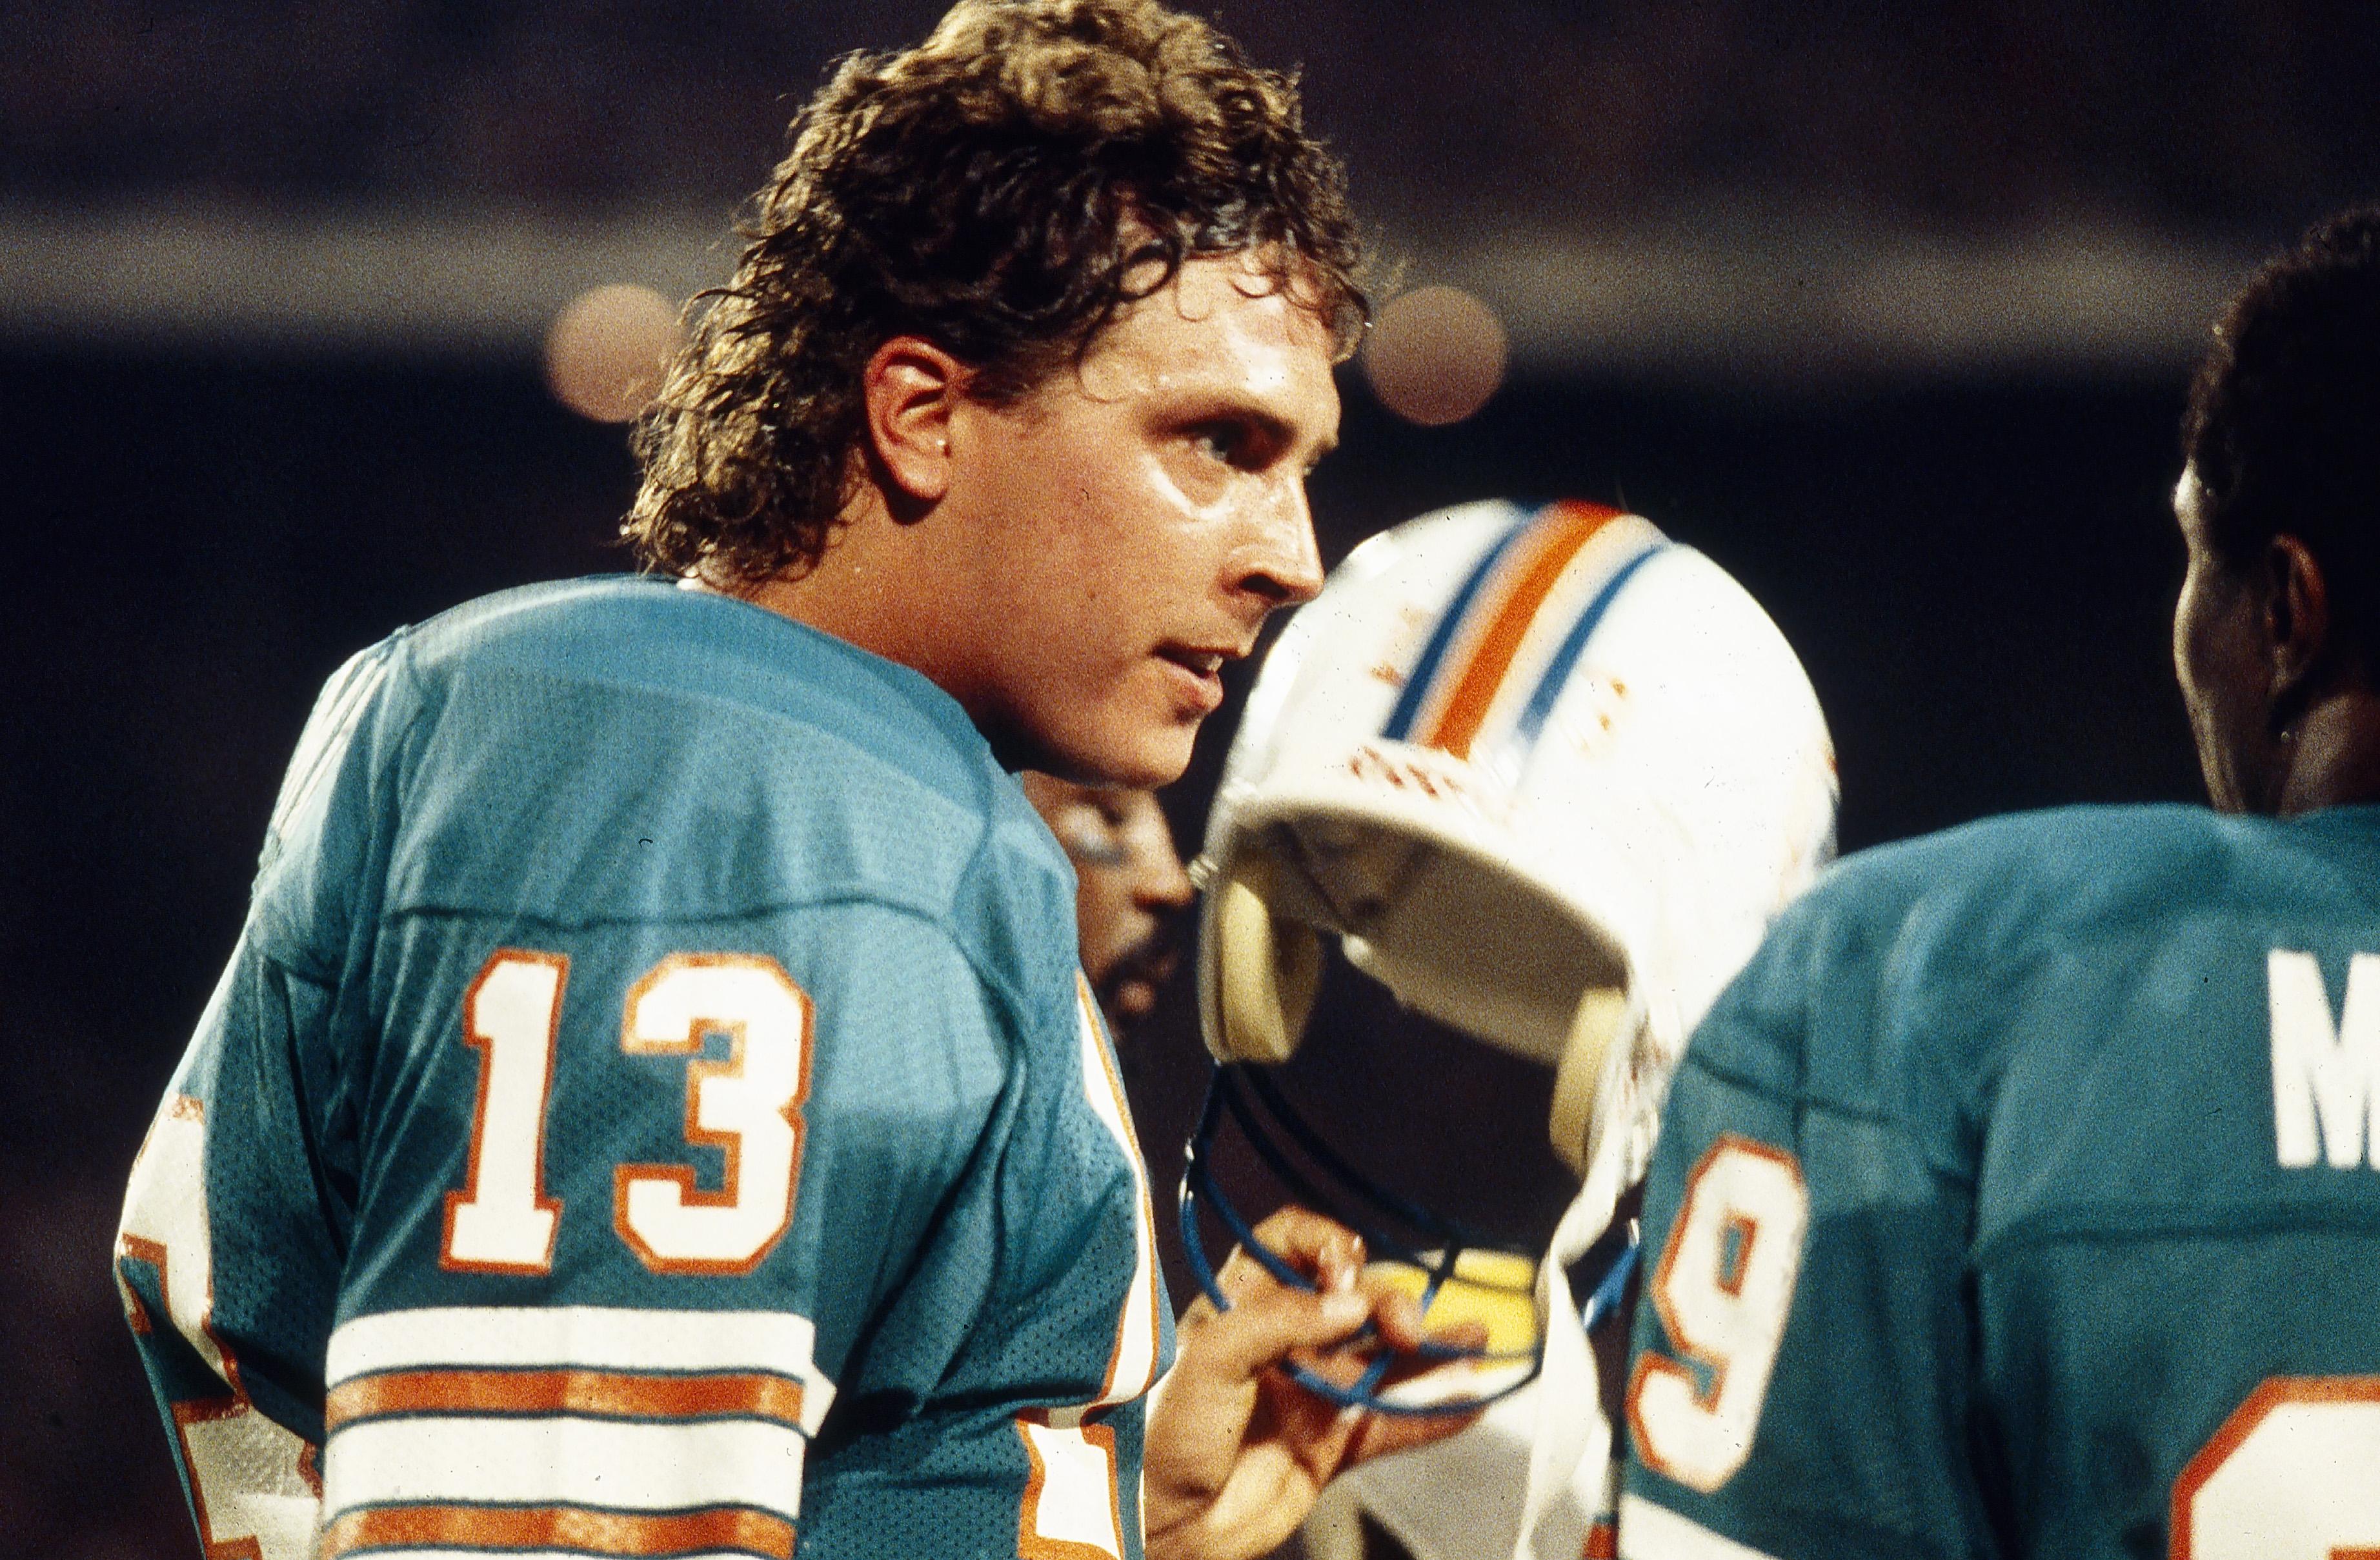 Quarterback Dan Marino of the Miami Dolphins on the field in 1986